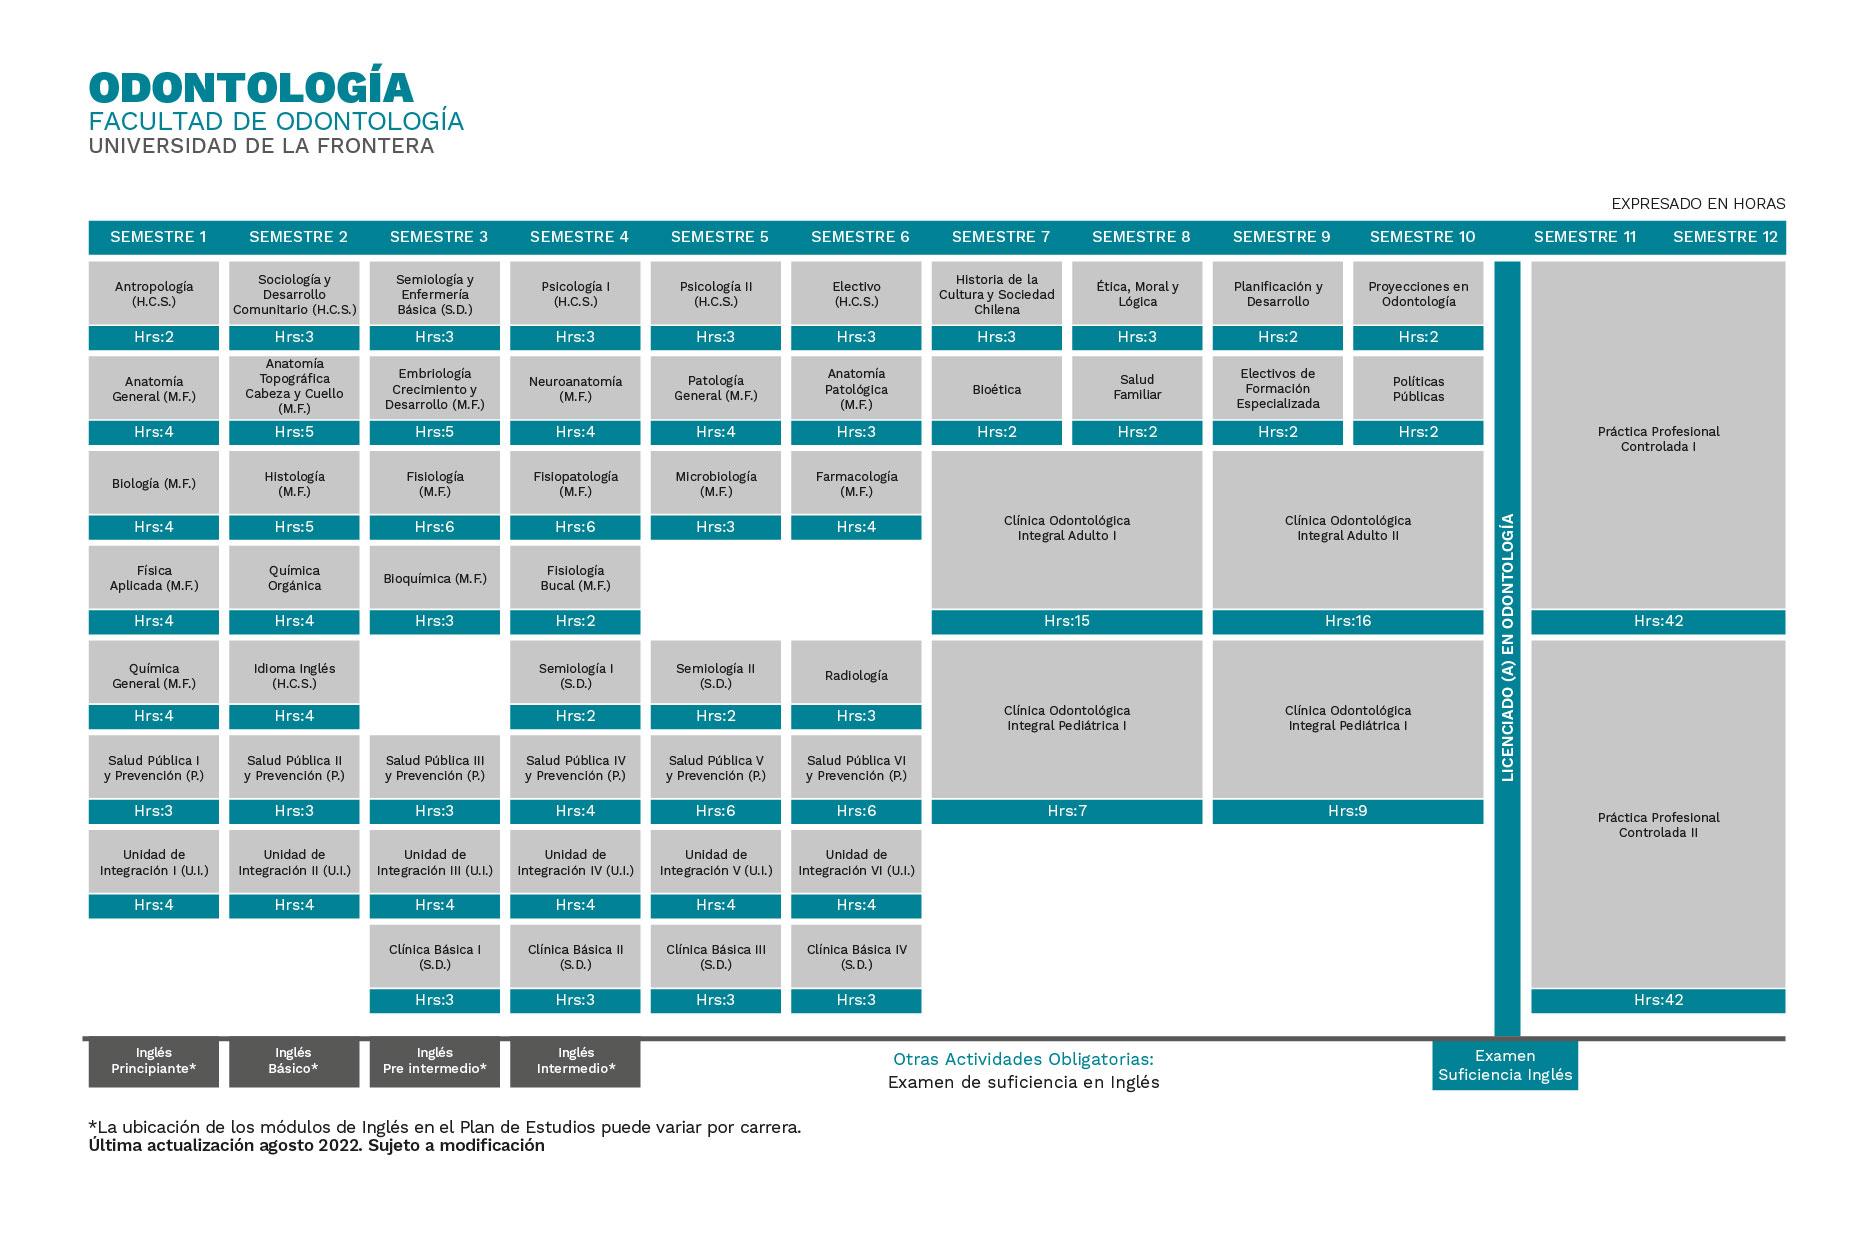 Odontología Universidad de La Frontera